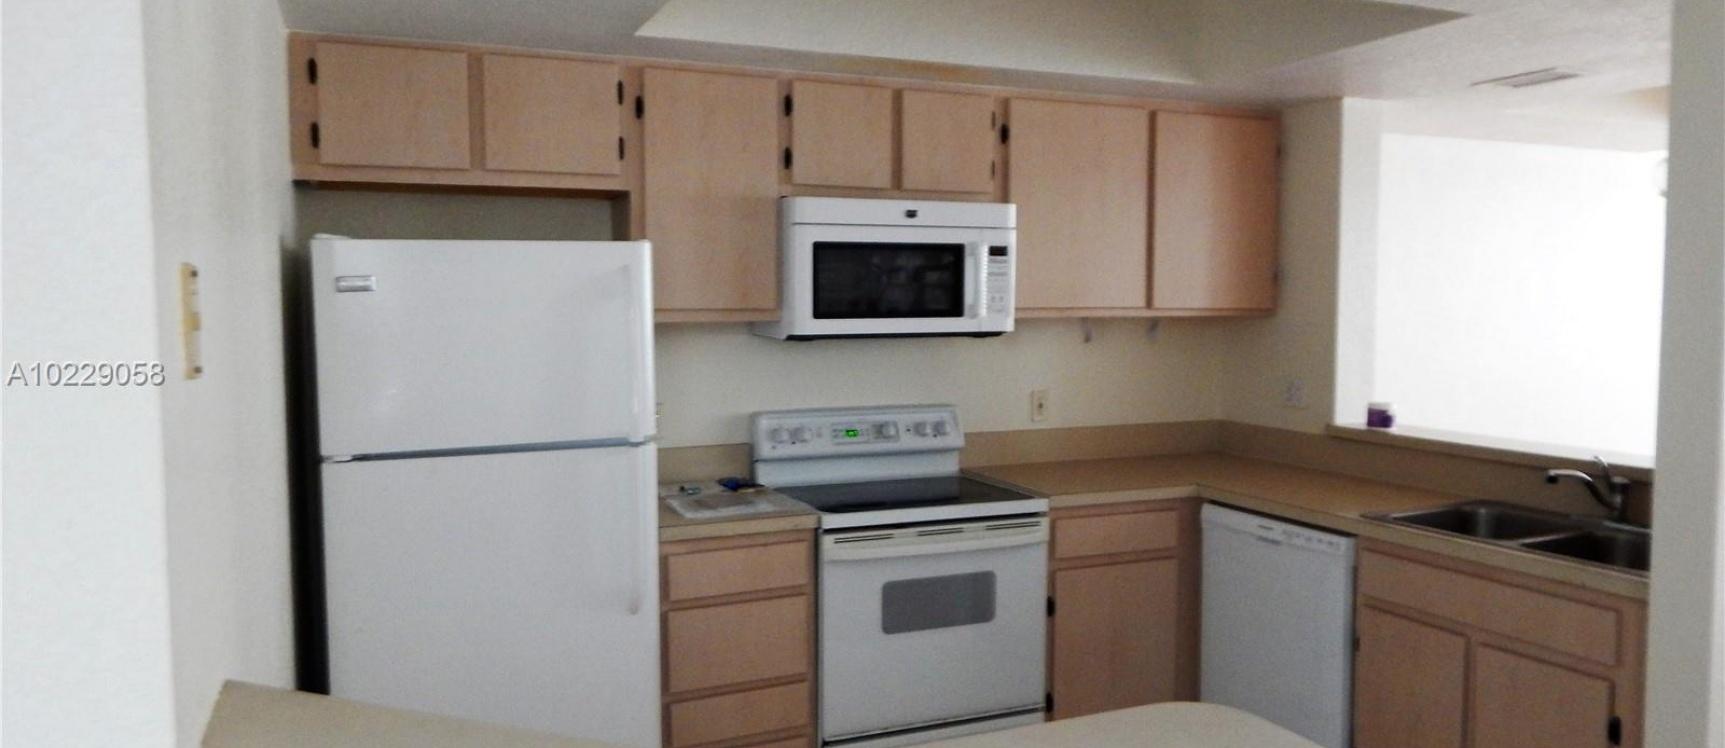 GeoBienes - Casa a la Venta en Miami - Davie - Plusvalia Guayaquil Casas de venta y alquiler Inmobiliaria Ecuador